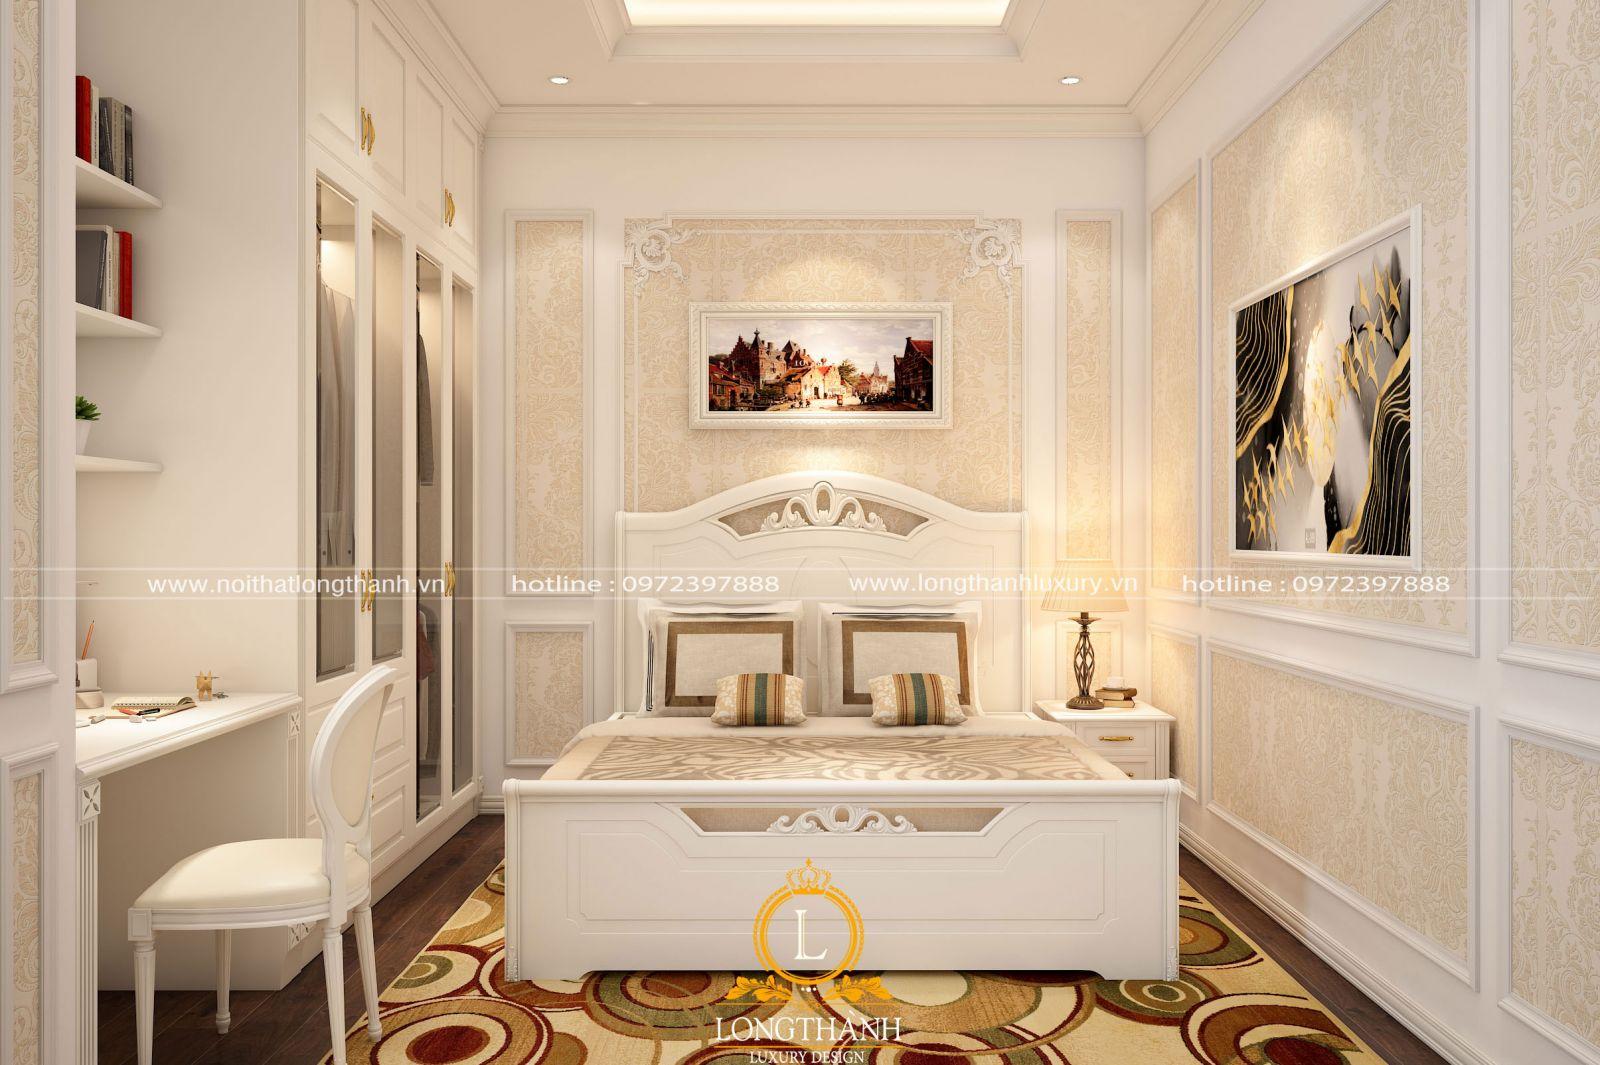 Phòng ngủ con gái đẹp nhẹ nhàng